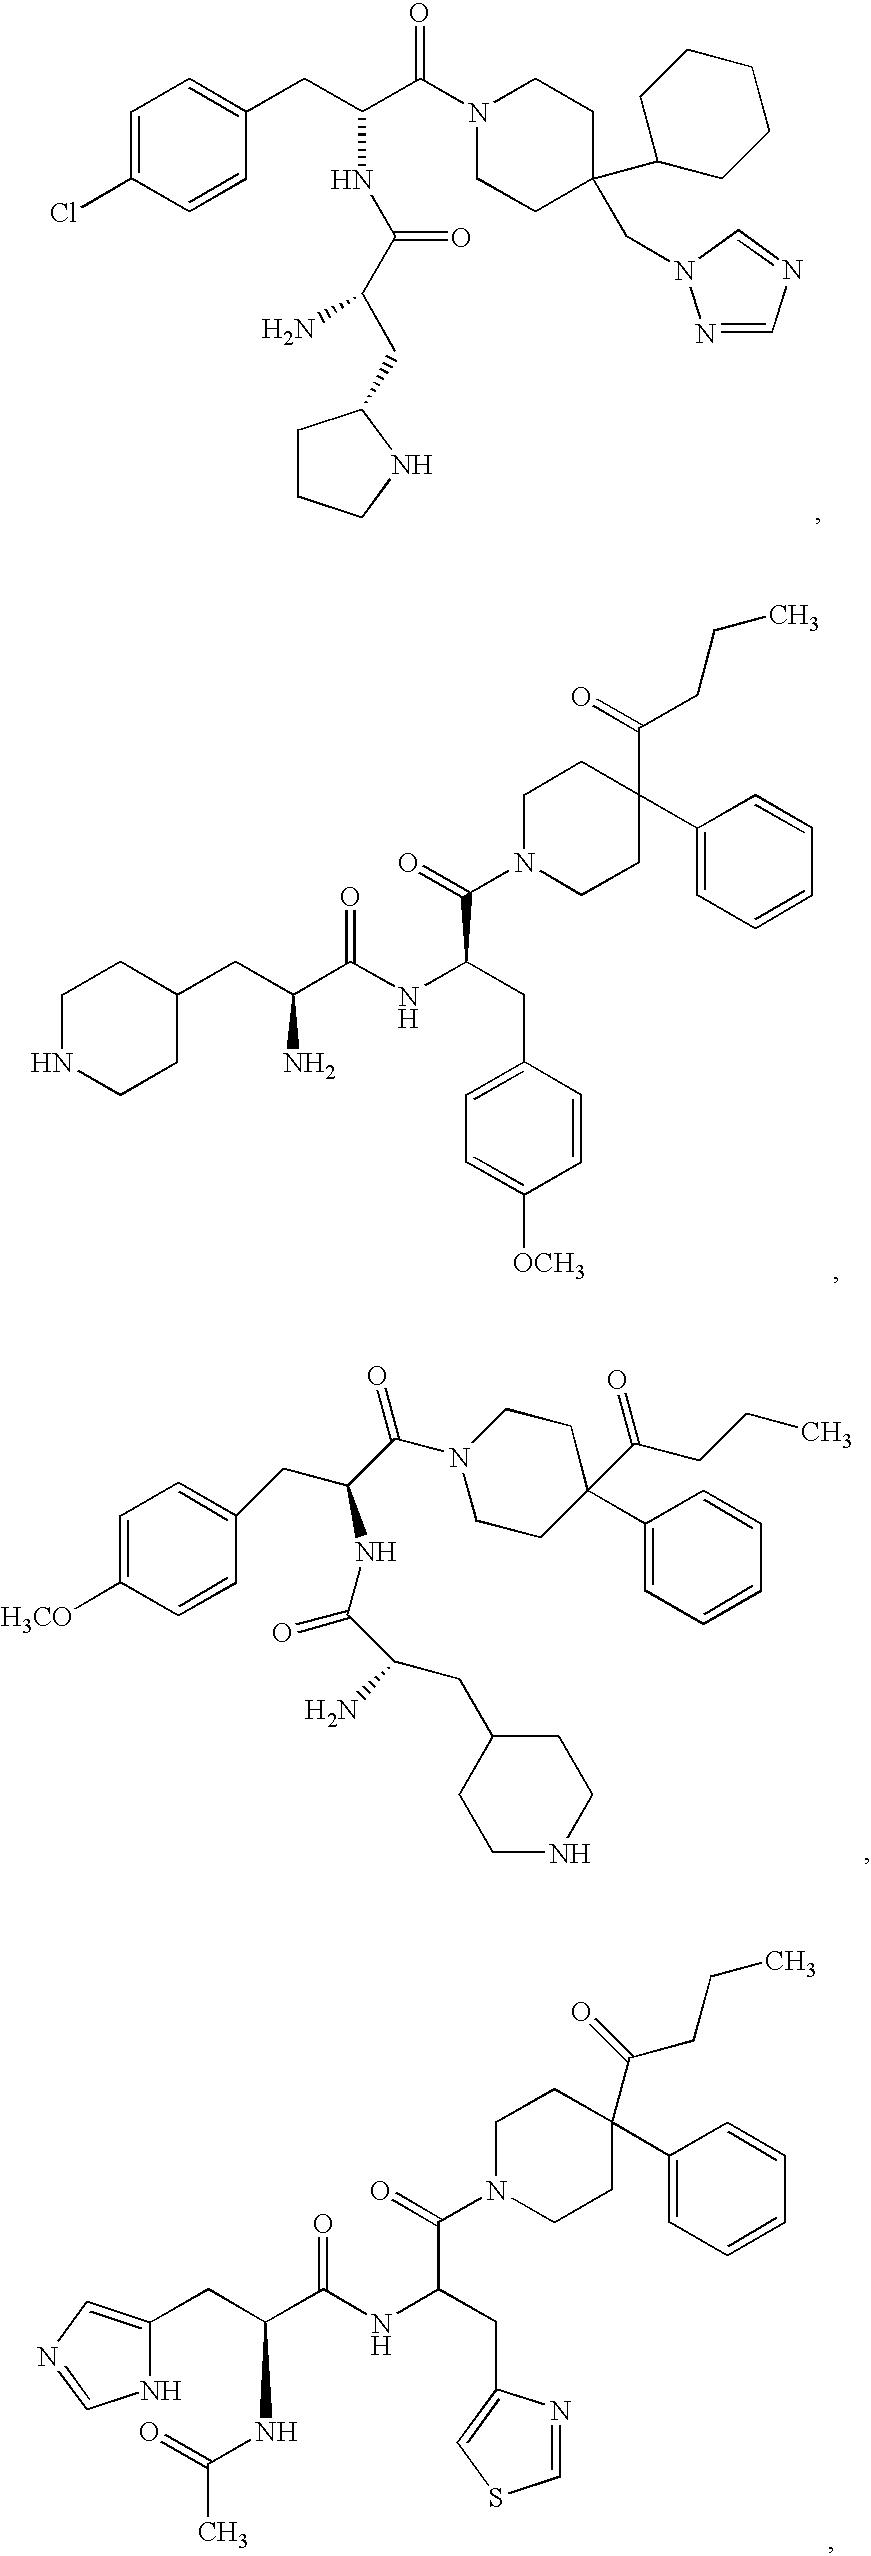 Figure US20040229882A1-20041118-C00023